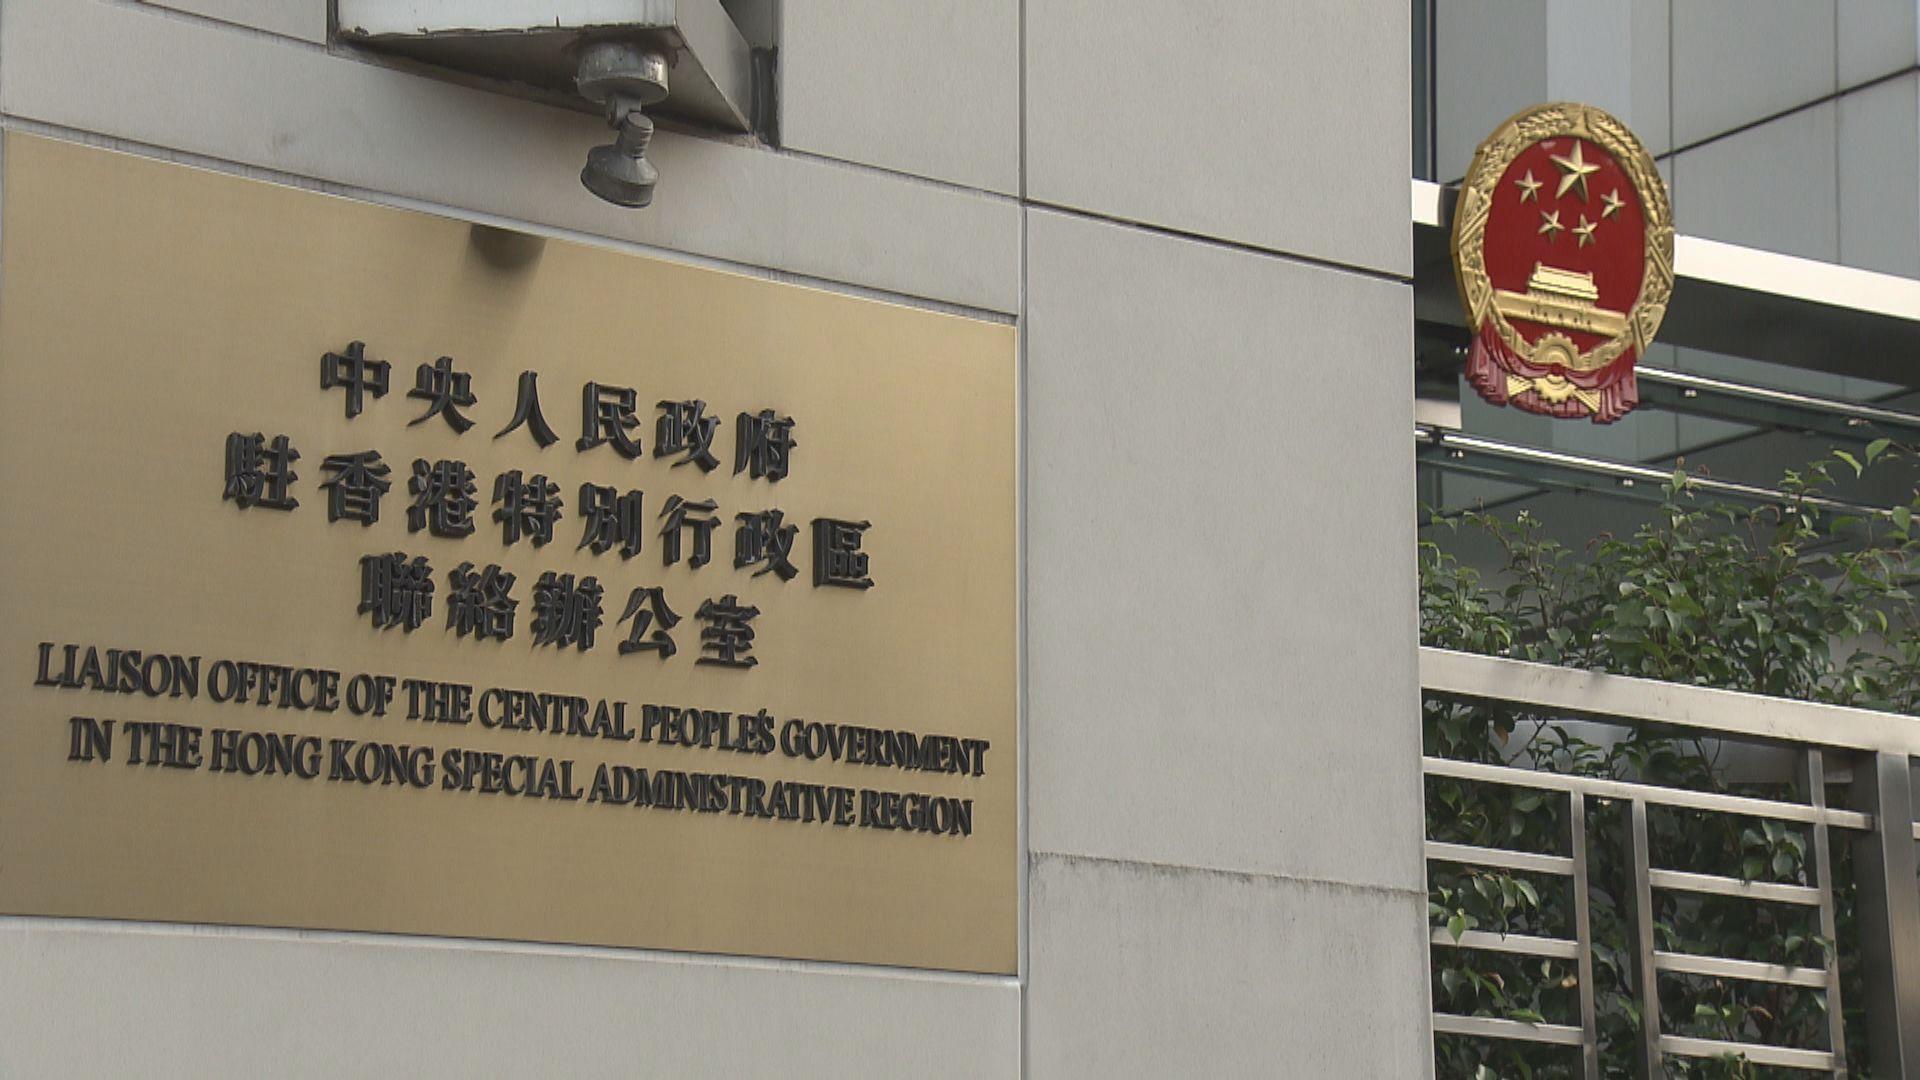 中聯辦:支持香港警察果斷執法 決不允許香港再亂起來